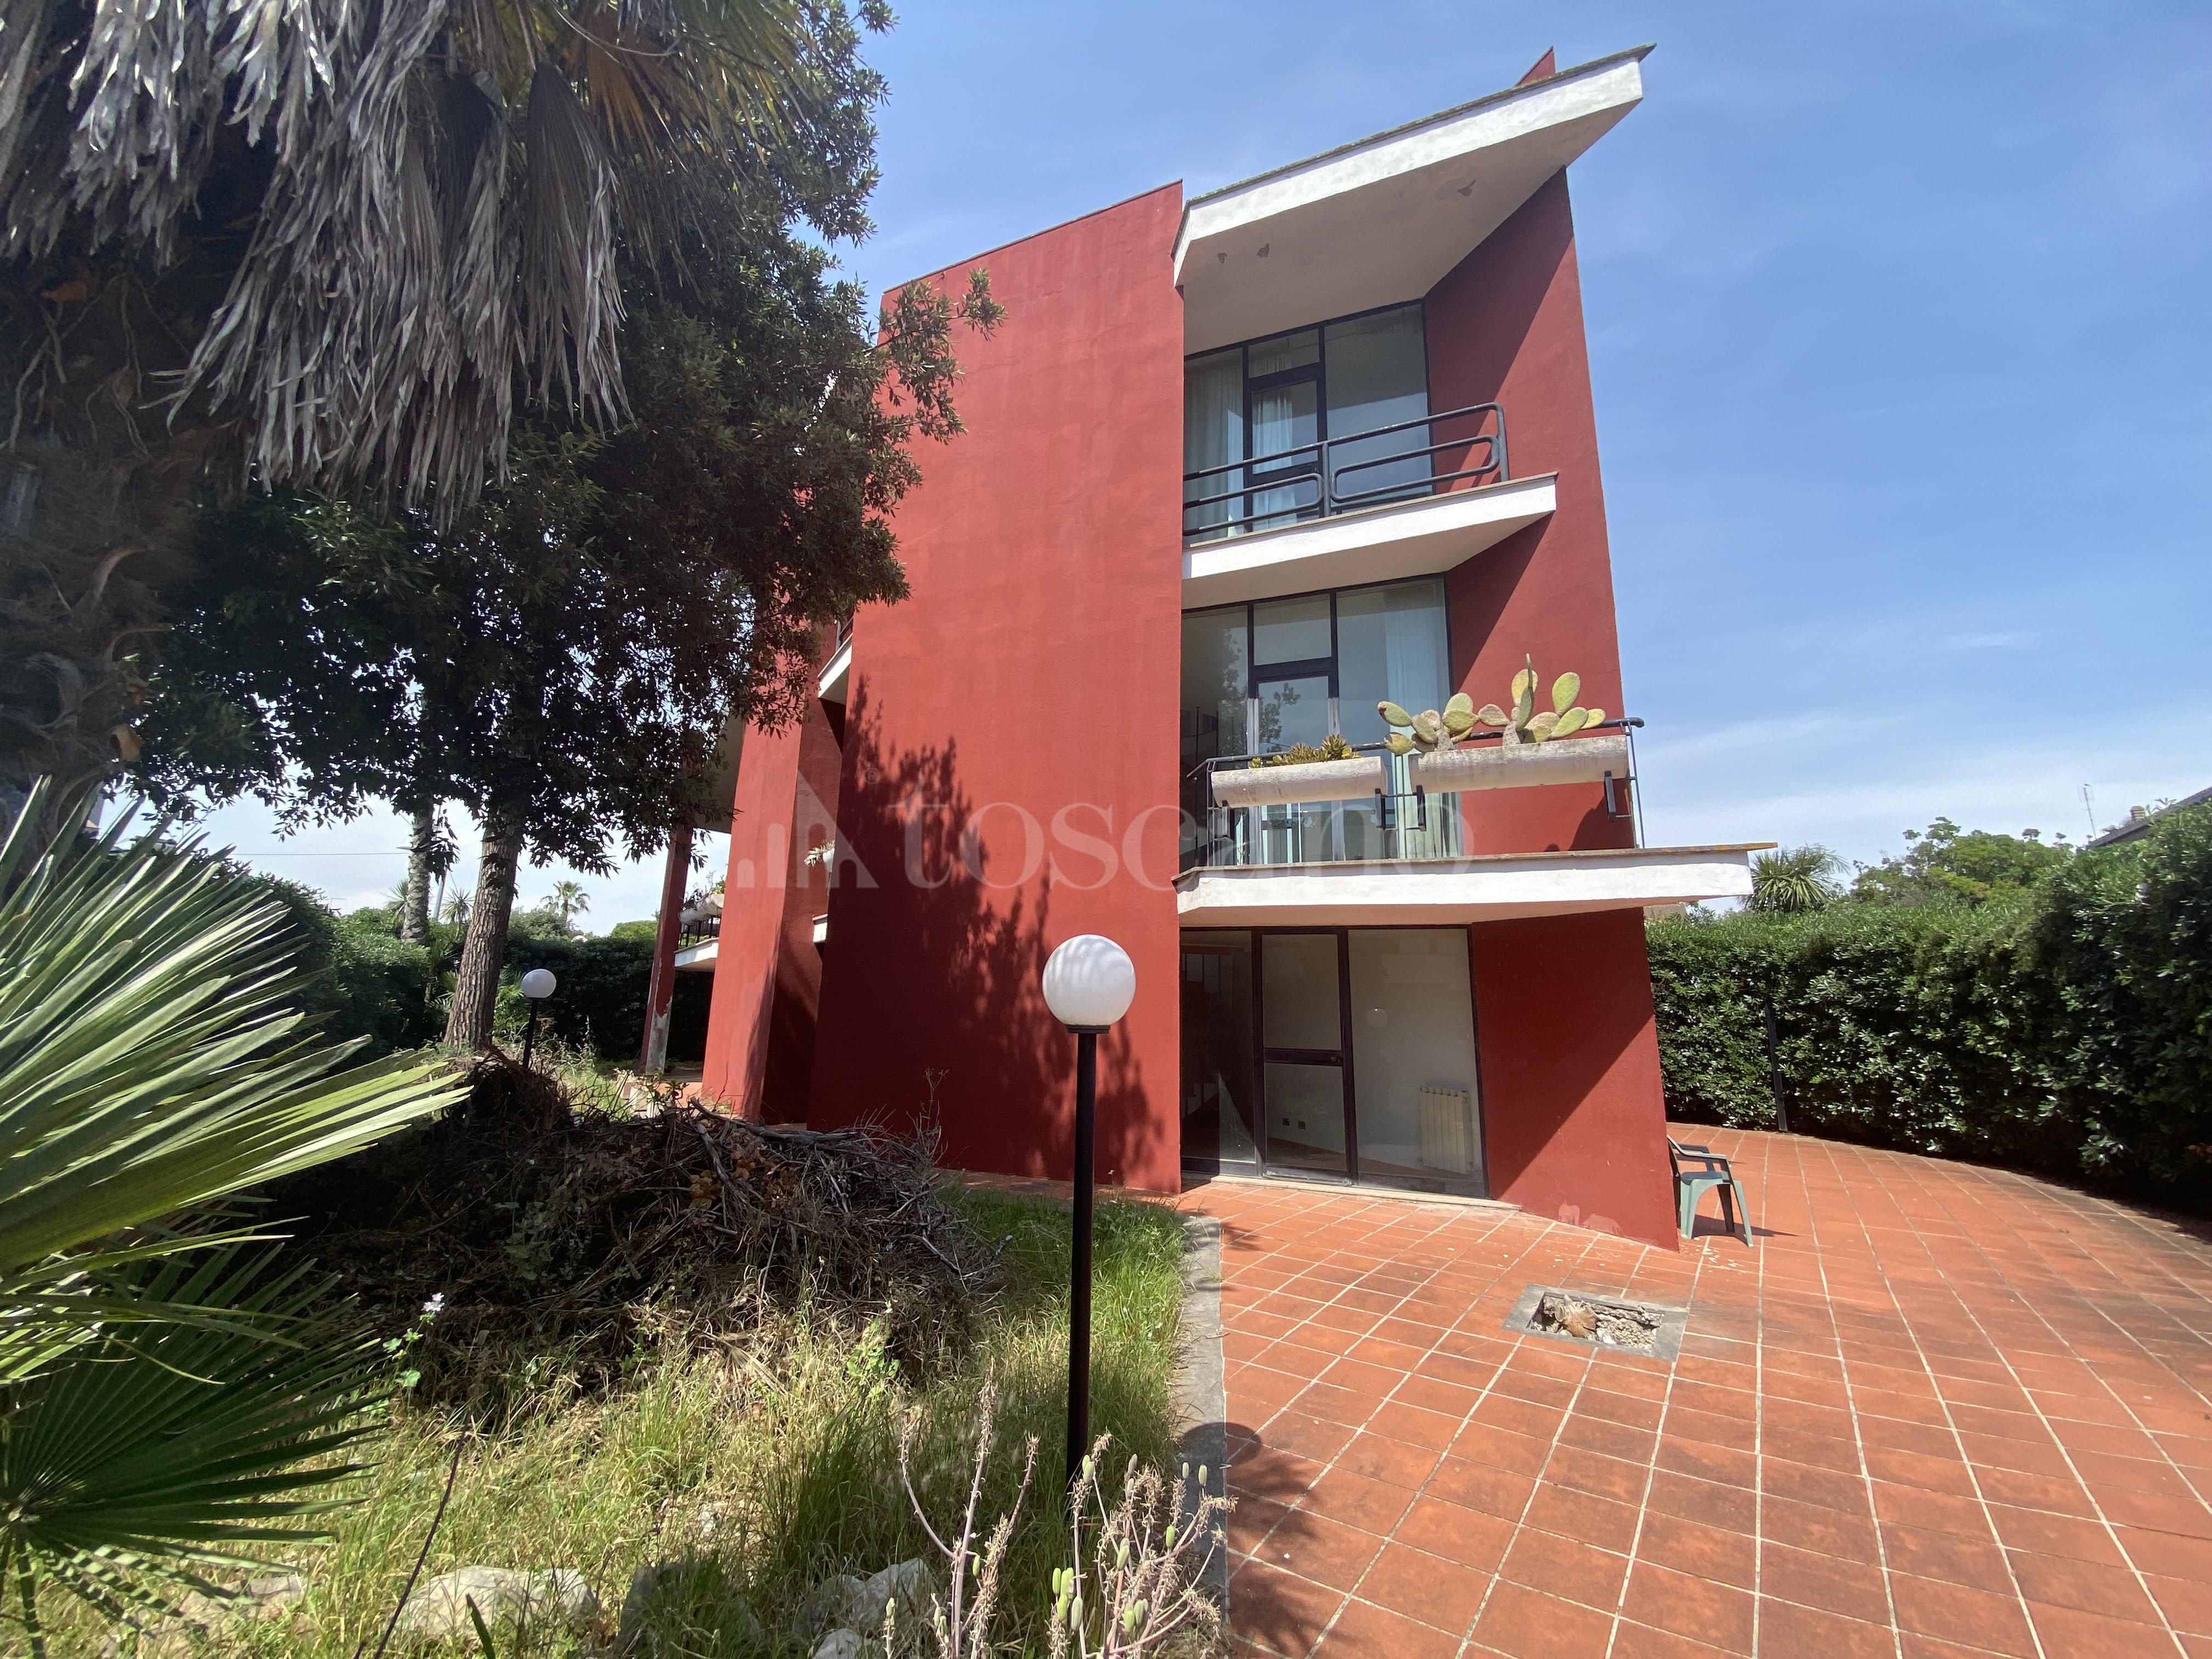 Villa in vendita di 220 mq a €690.000 (rif. 53/2021)